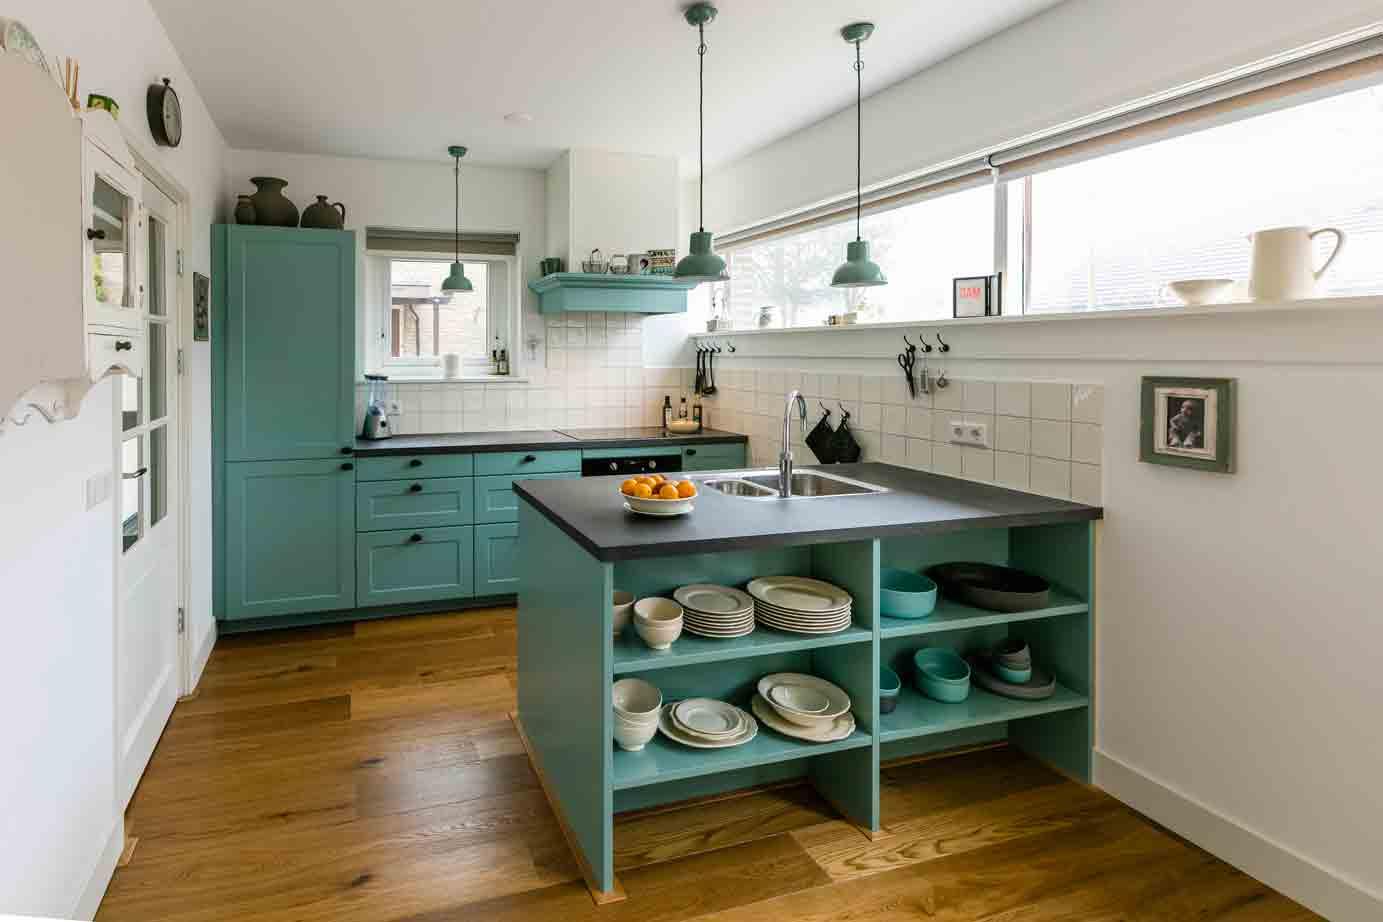 Keuken Design Hilversum : Landelijke keuken met eiland kopen in hilversum lees ervaringen